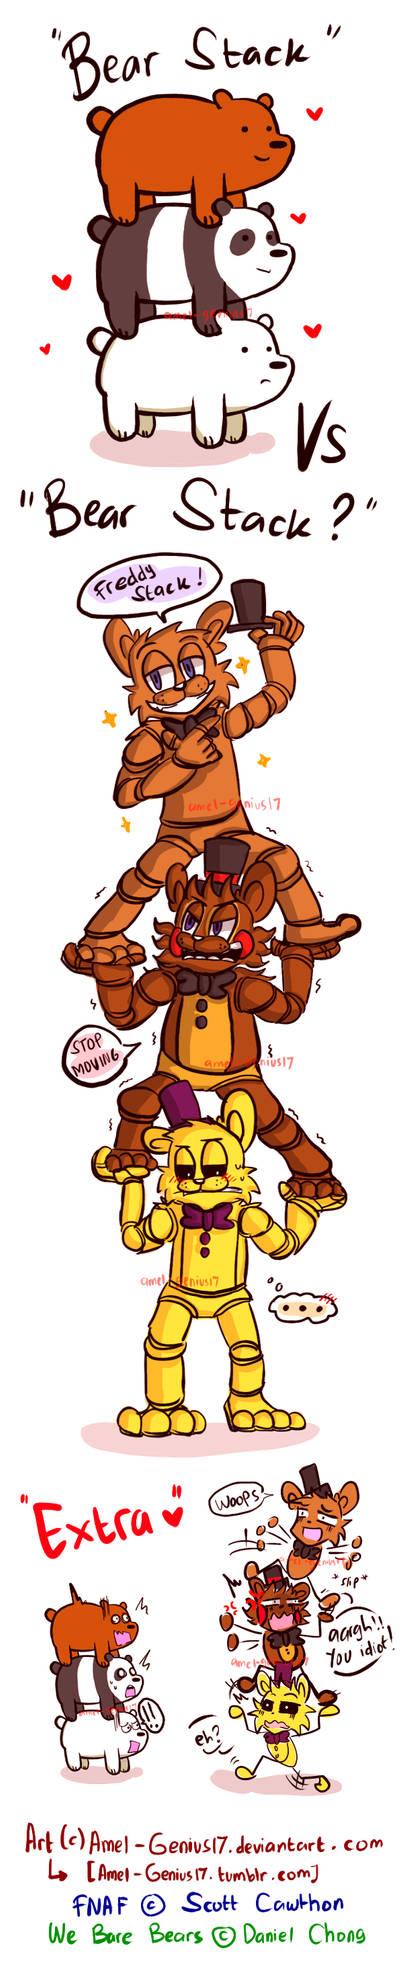 =FNAF/WBB= Bear Stack vs Bear stack?!! (doodle)